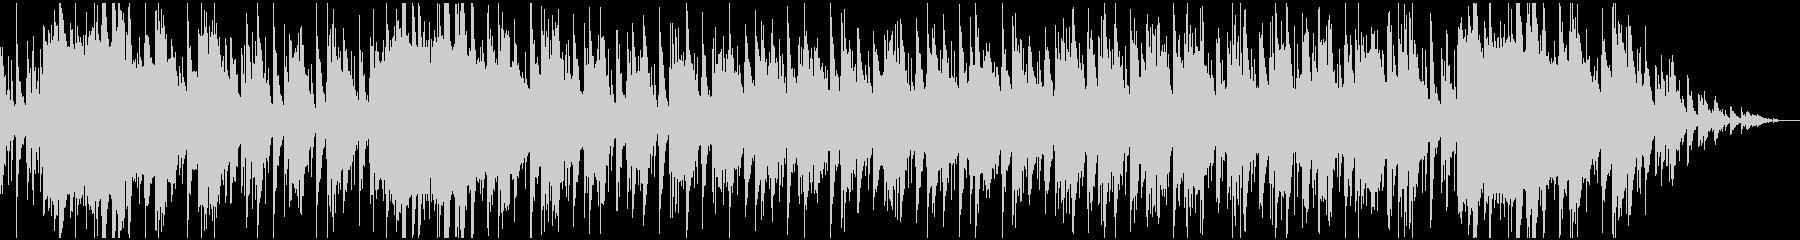 和風 忍びのイメージBGMの未再生の波形